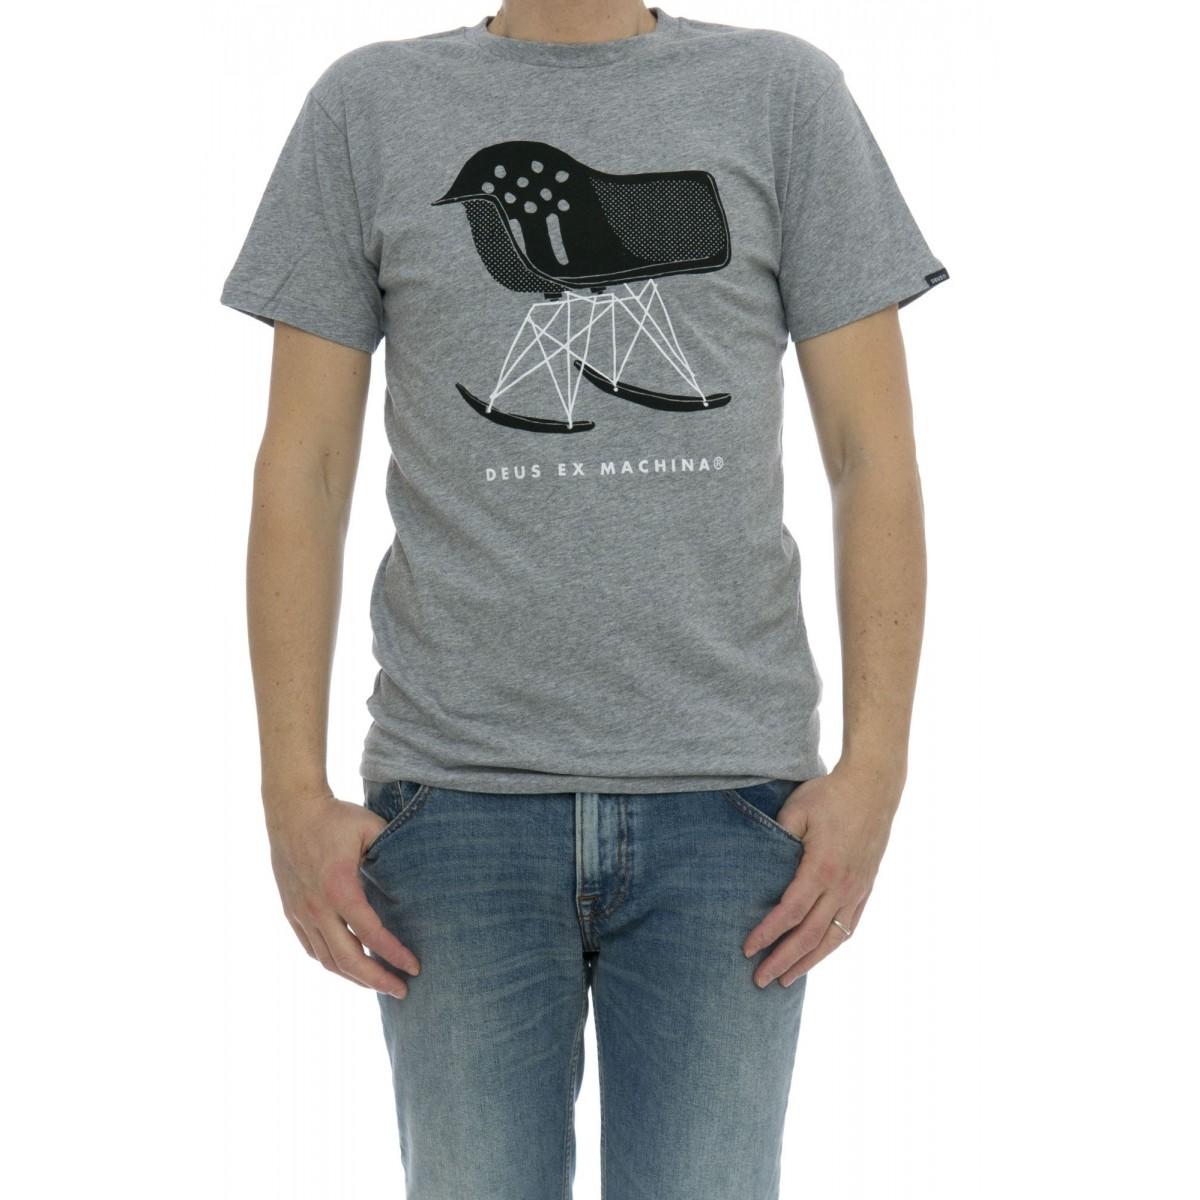 T-shirt - Mp71504i